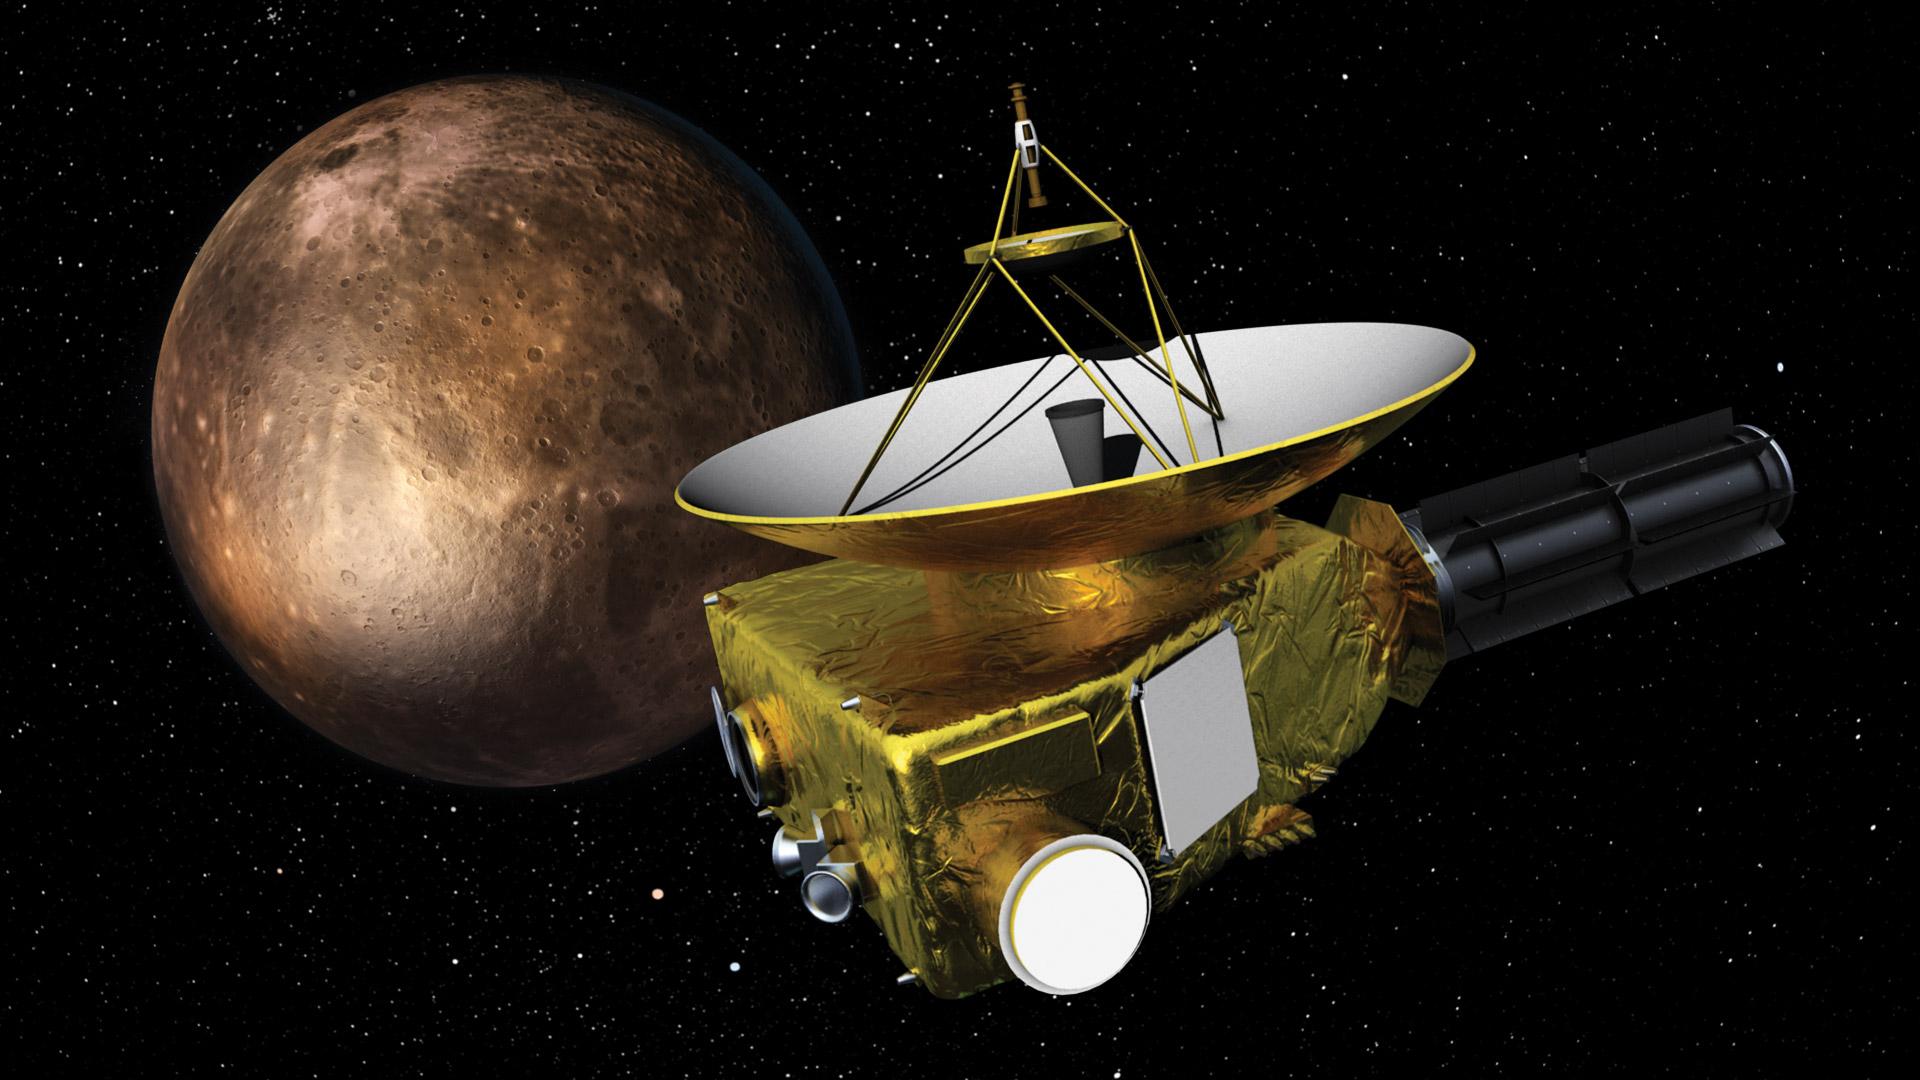 In viaggio verso Plutone con New Horizons